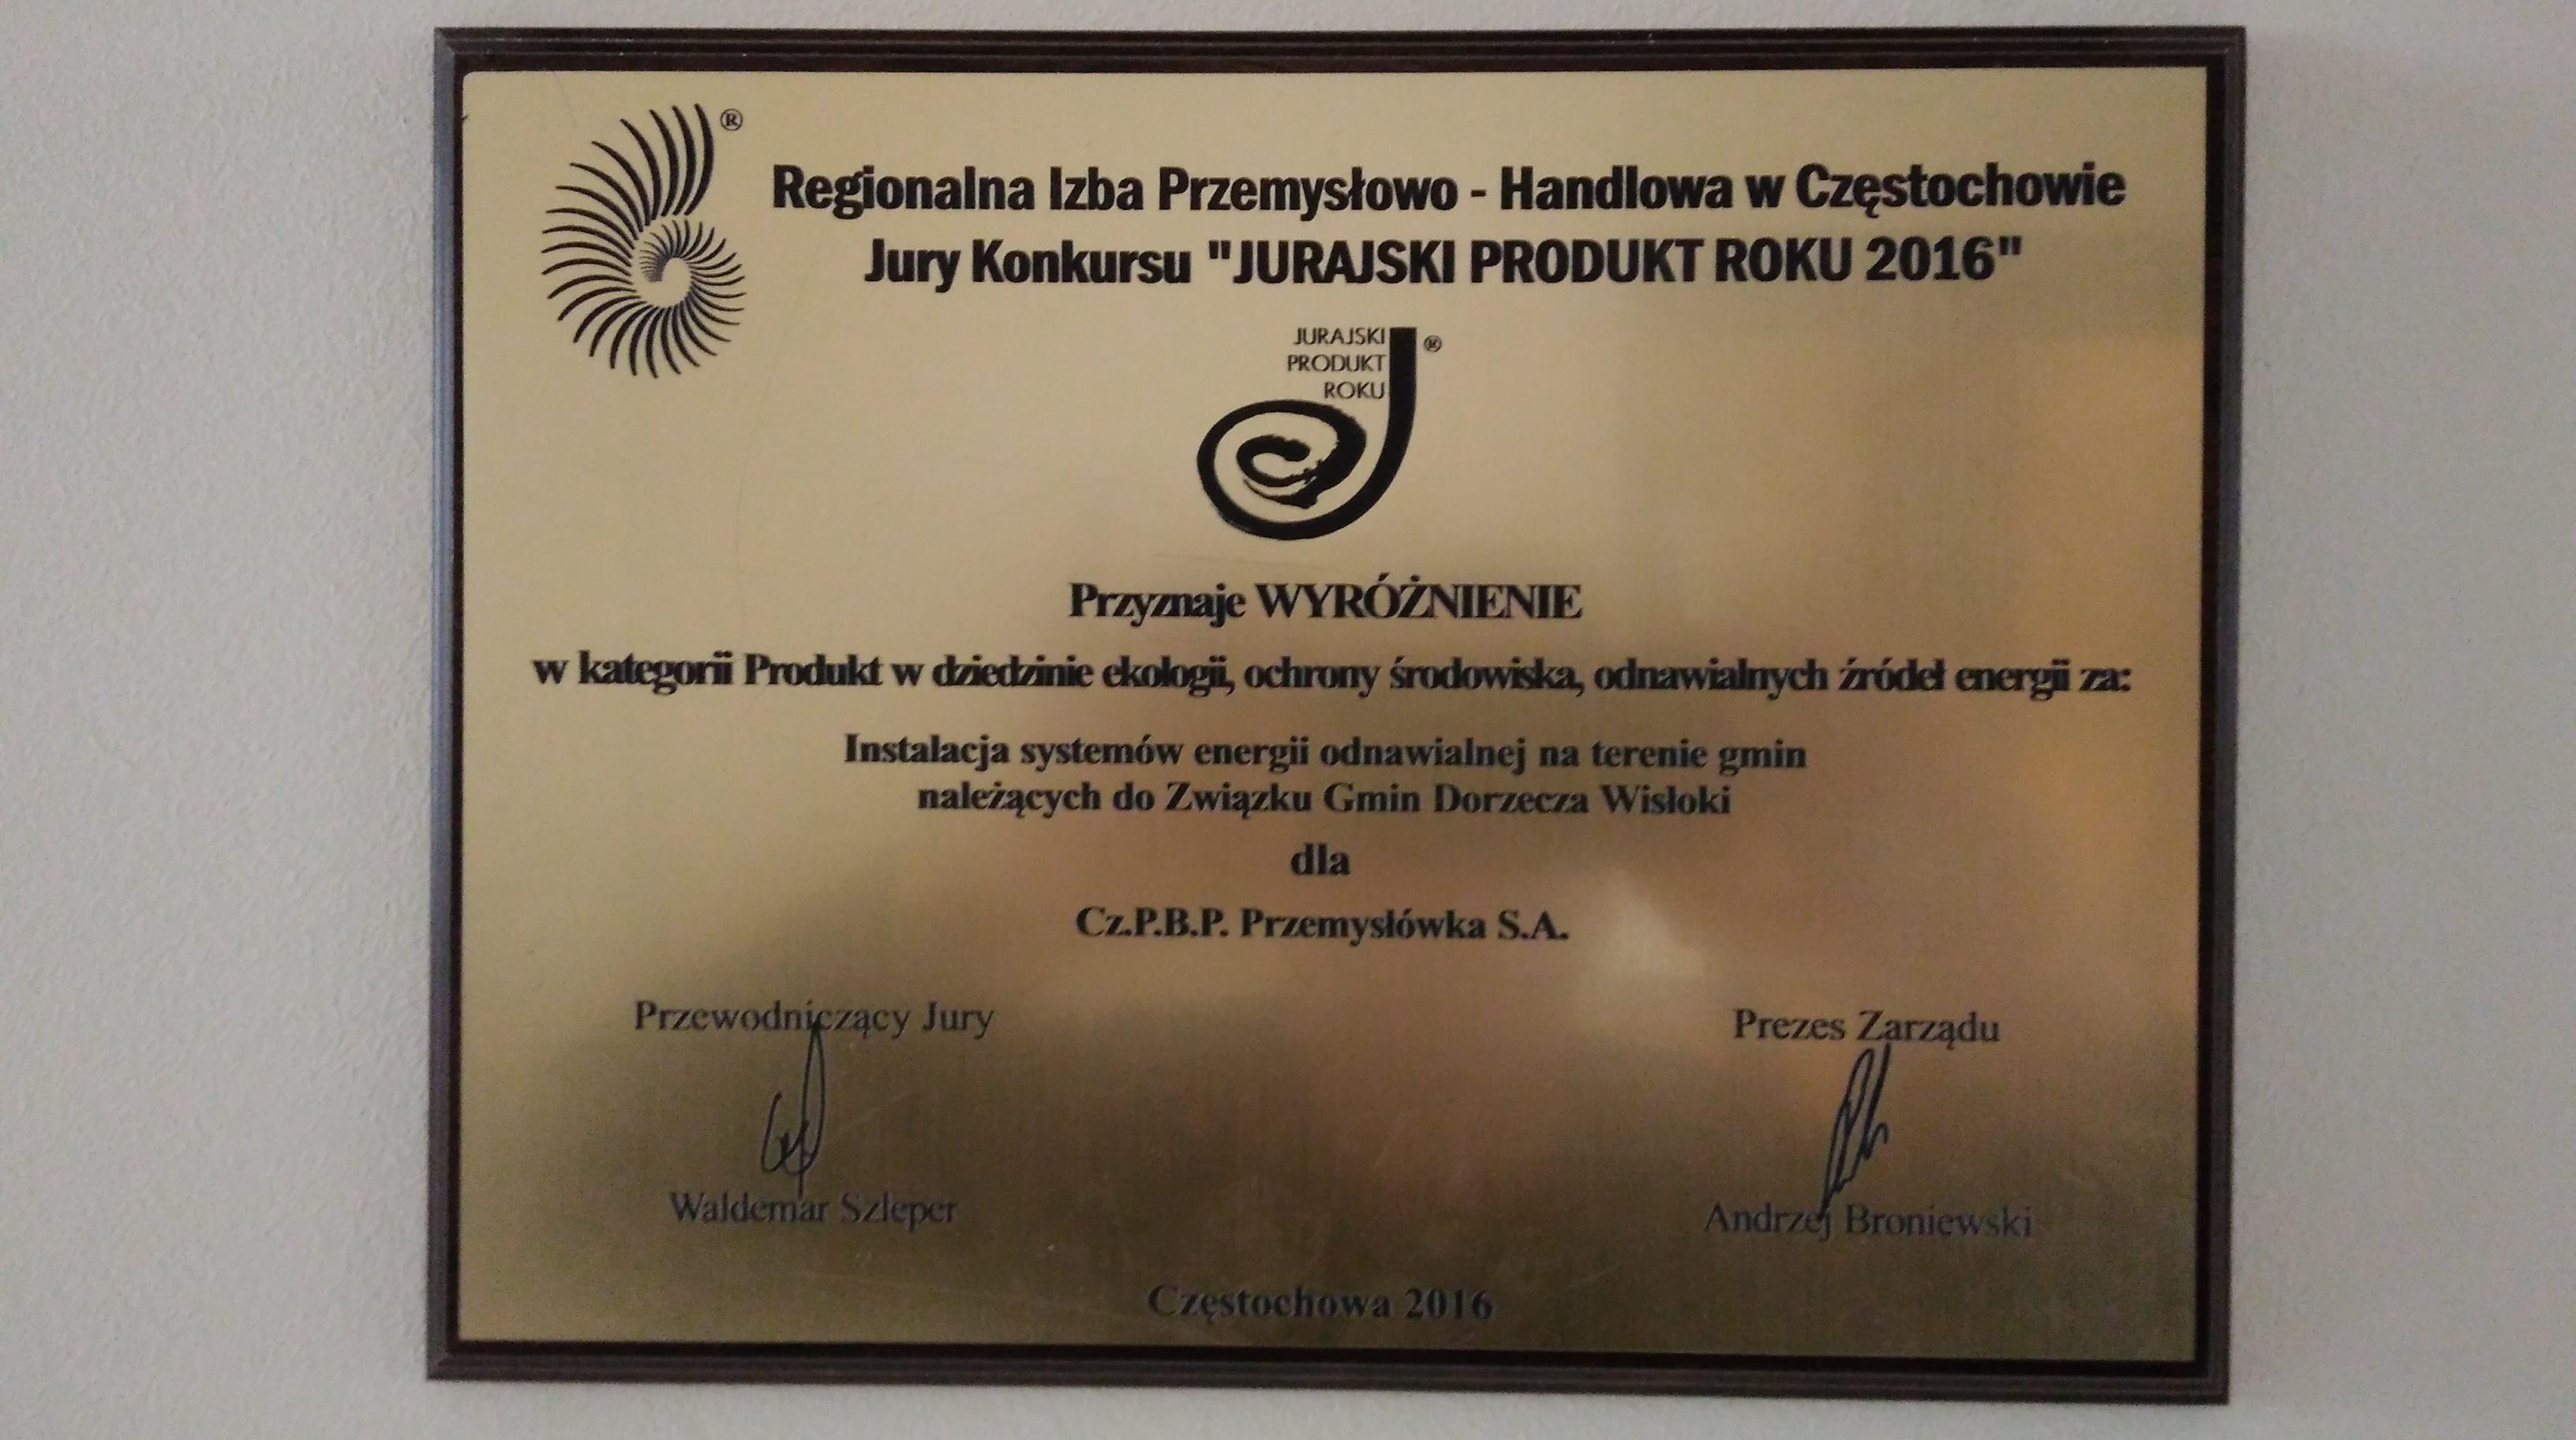 Jurajski Produkt Roku 2016 - Instalacja systemów energii odnawialnej na terenie gmin należących do Związku Gmin Dorzecza Wisłoki